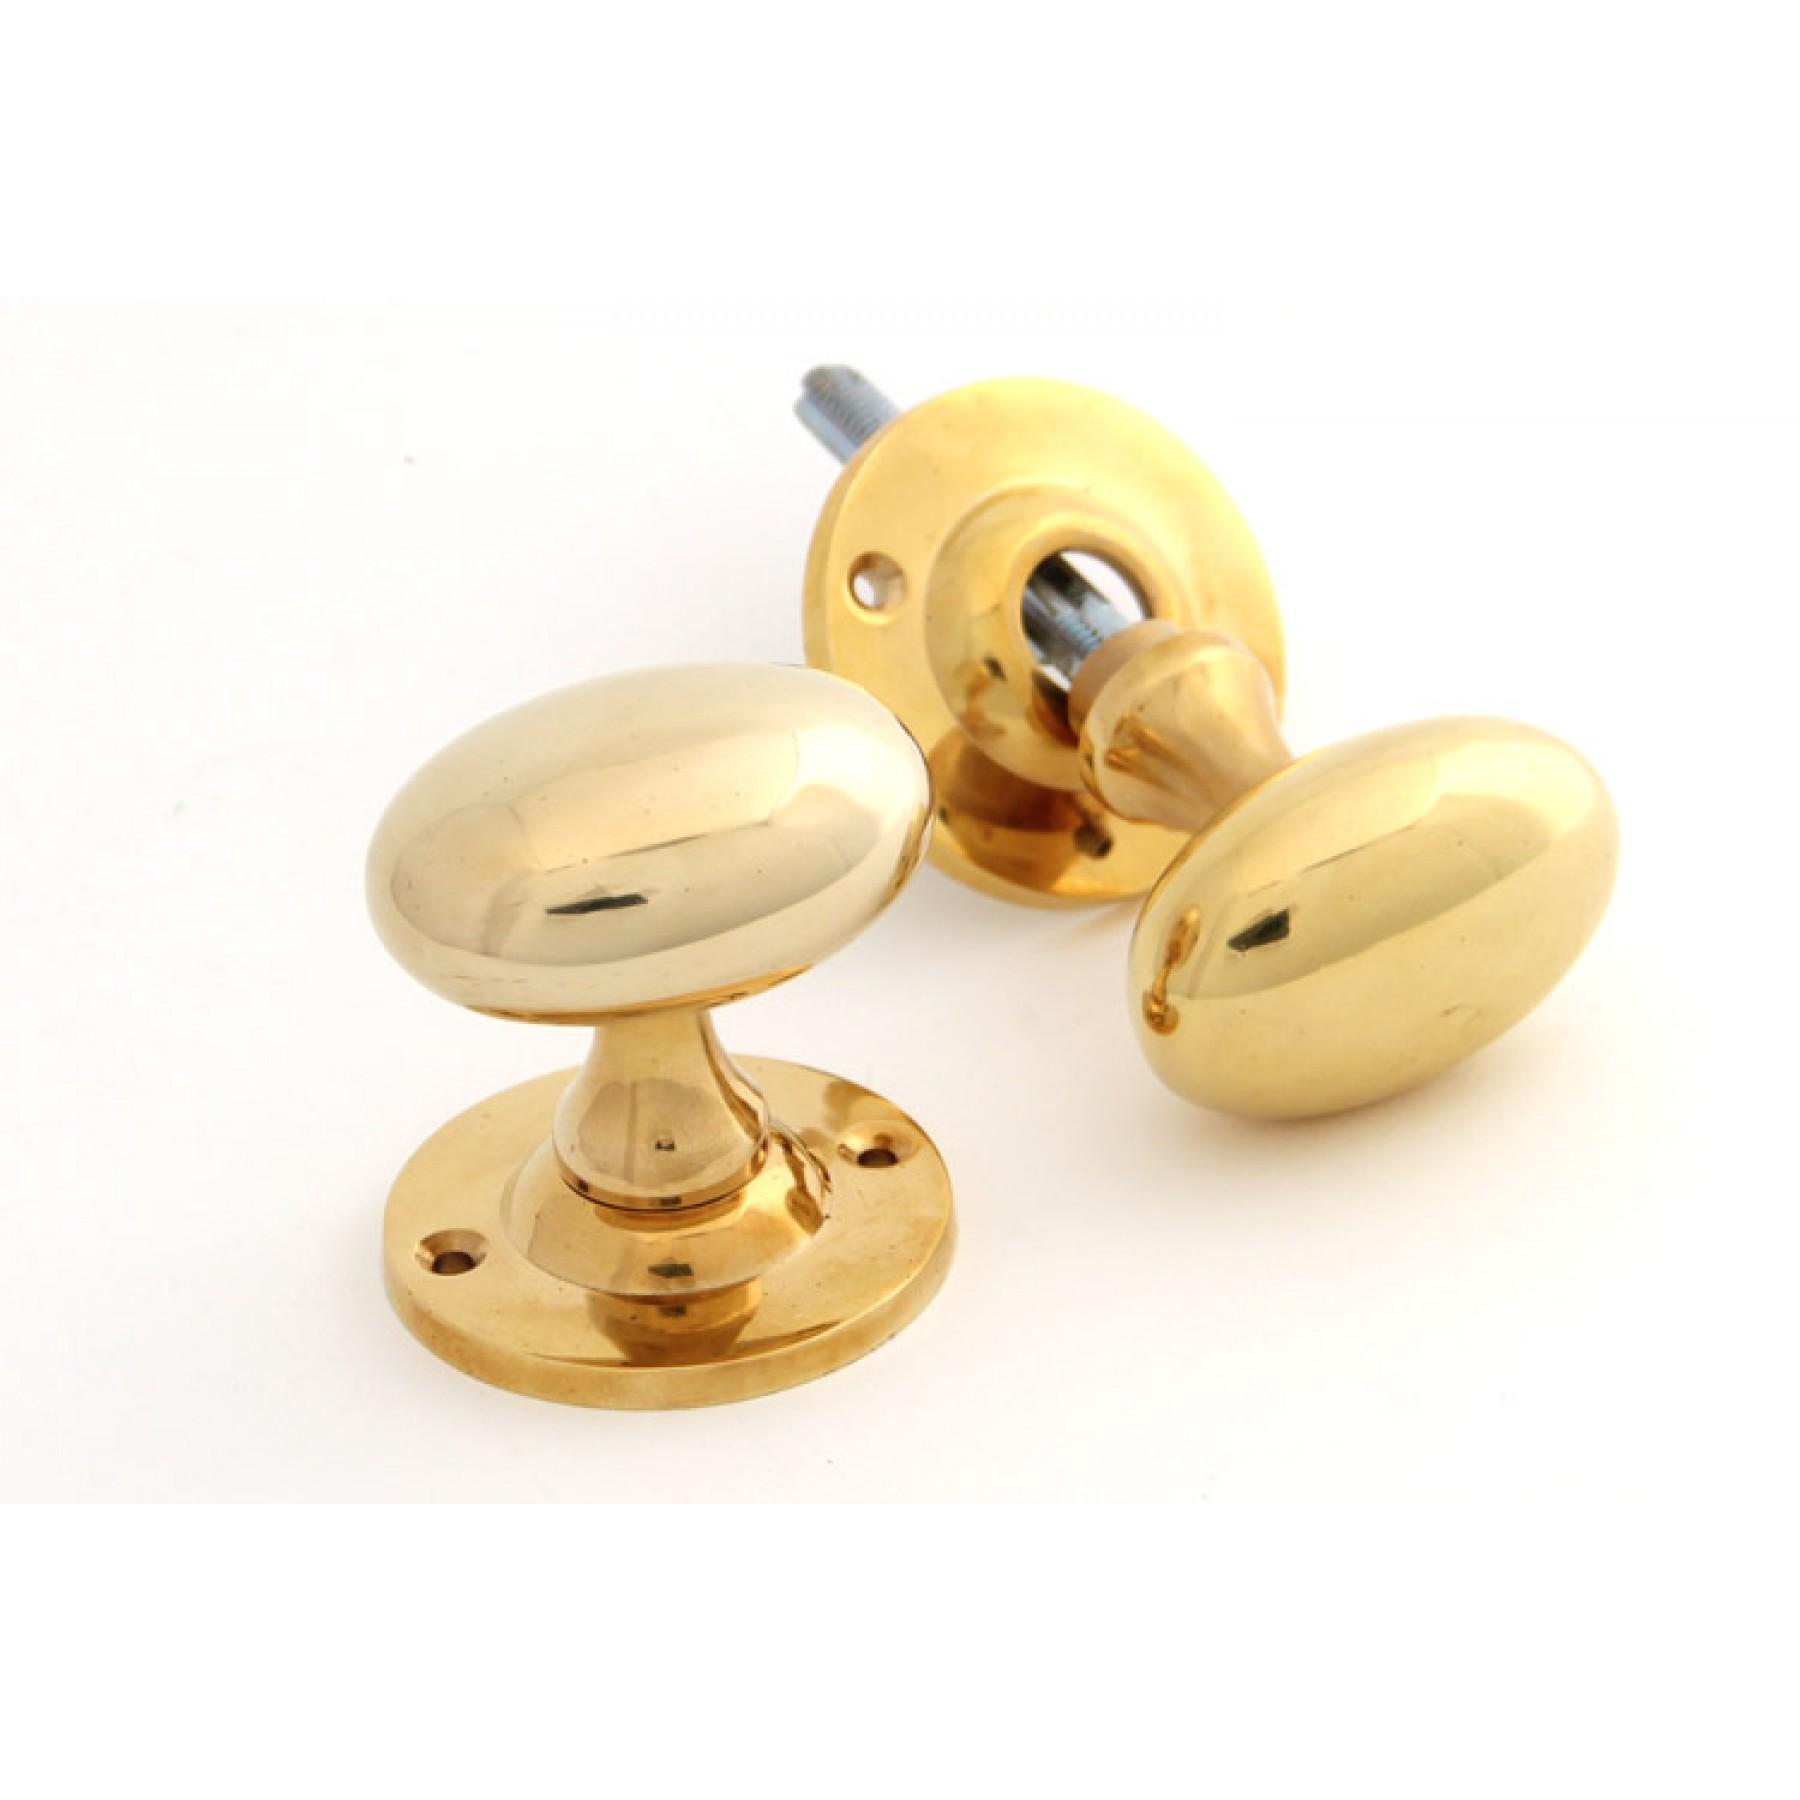 oval brass door knobs photo - 18